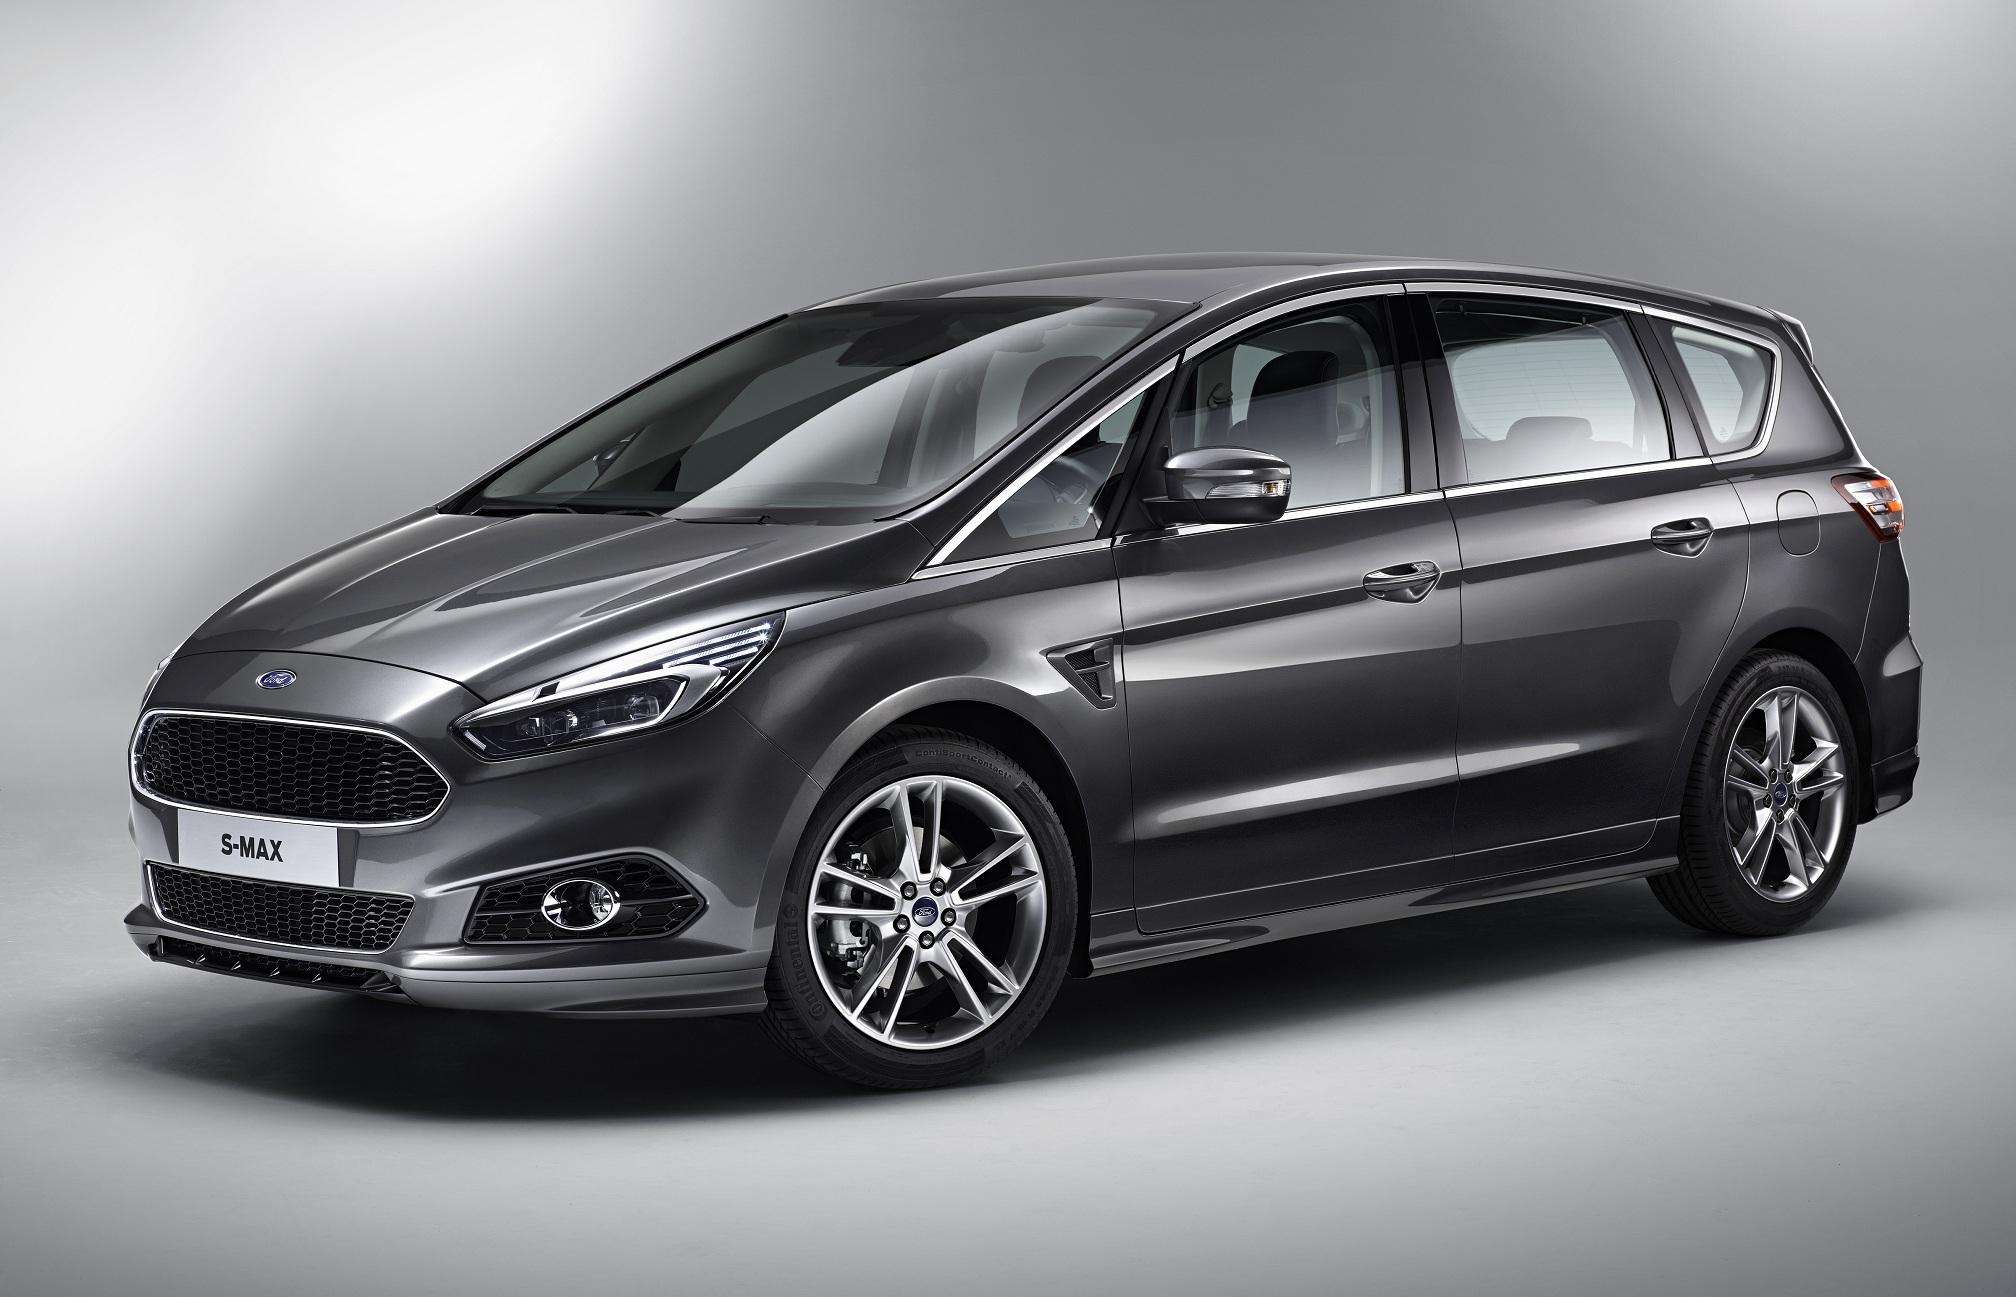 Ford-S-MAX-S-zeneva-2015